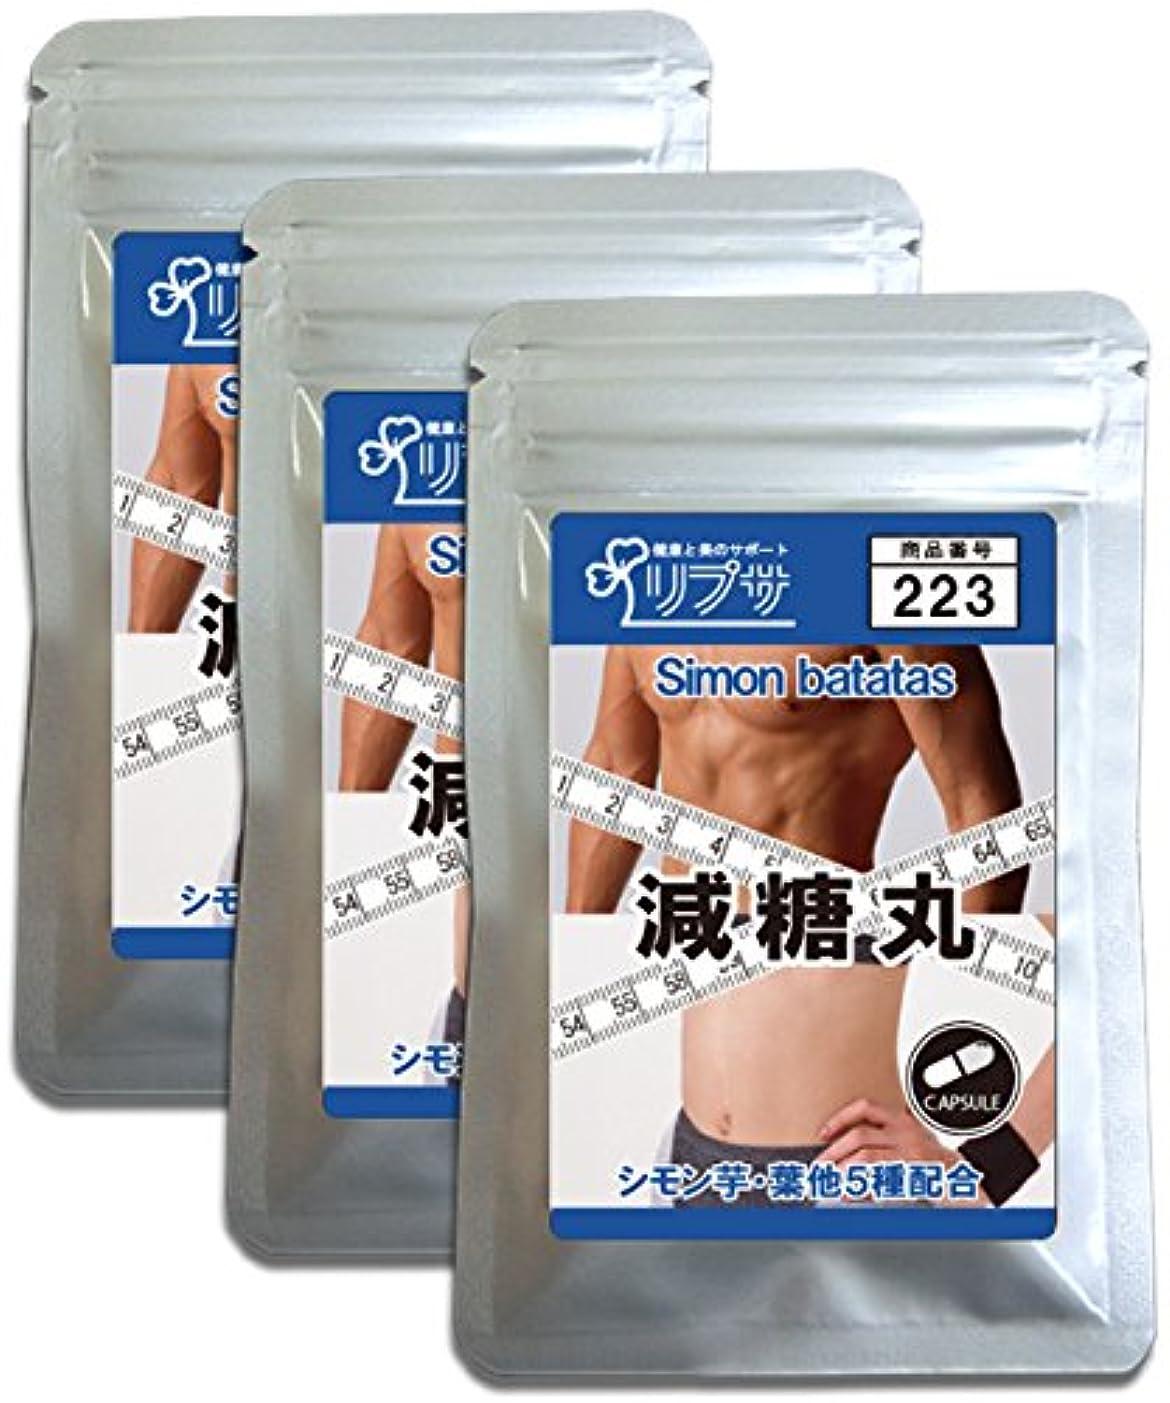 すべき不満直面する減糖丸 約1か月分×3袋セット C-223-3